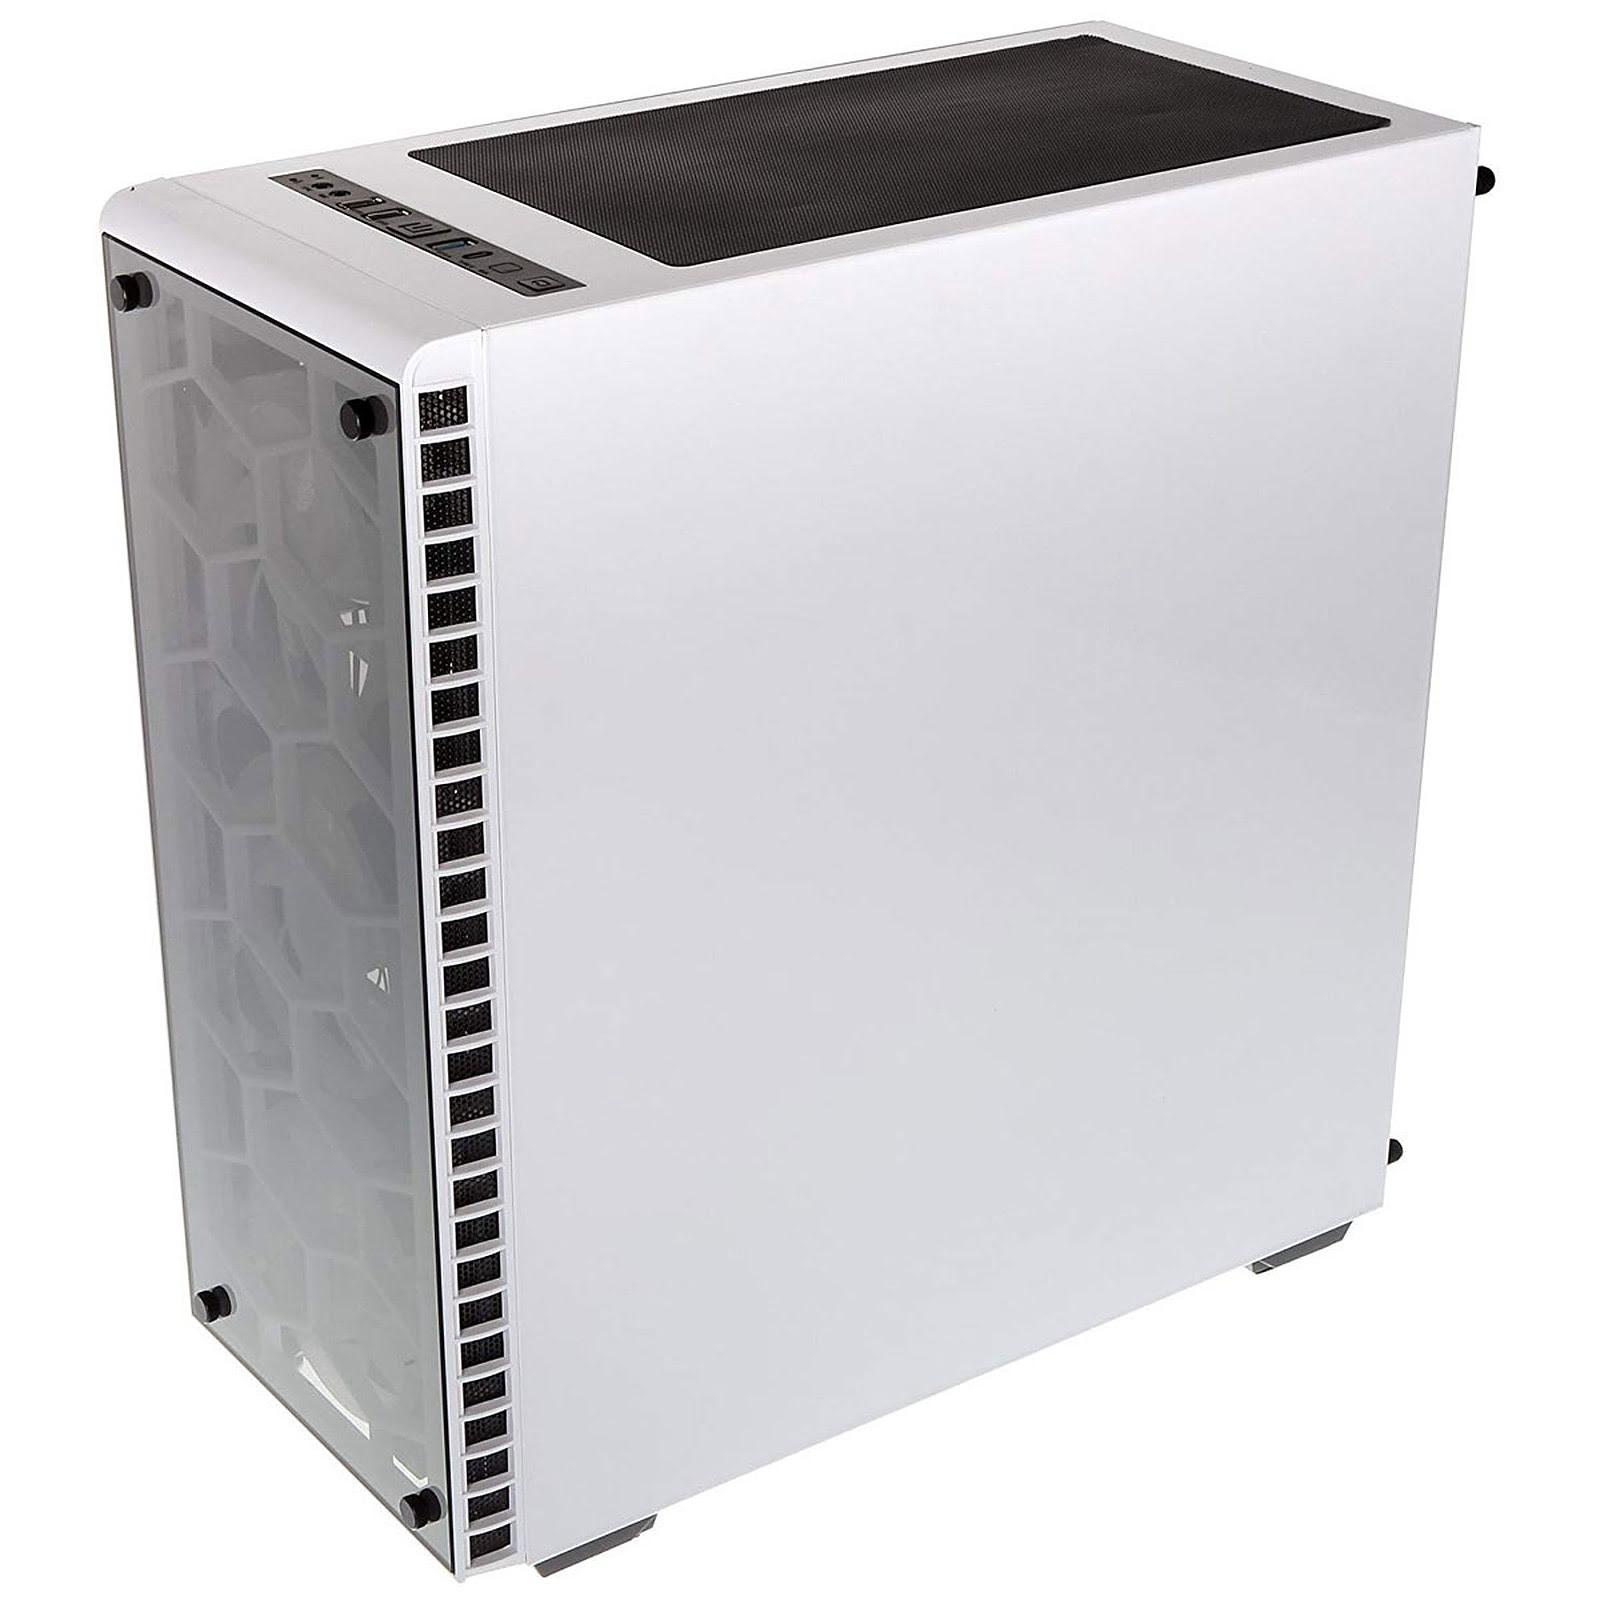 Kolink Observatory RGB White Blanc - Boîtier PC Kolink - 3